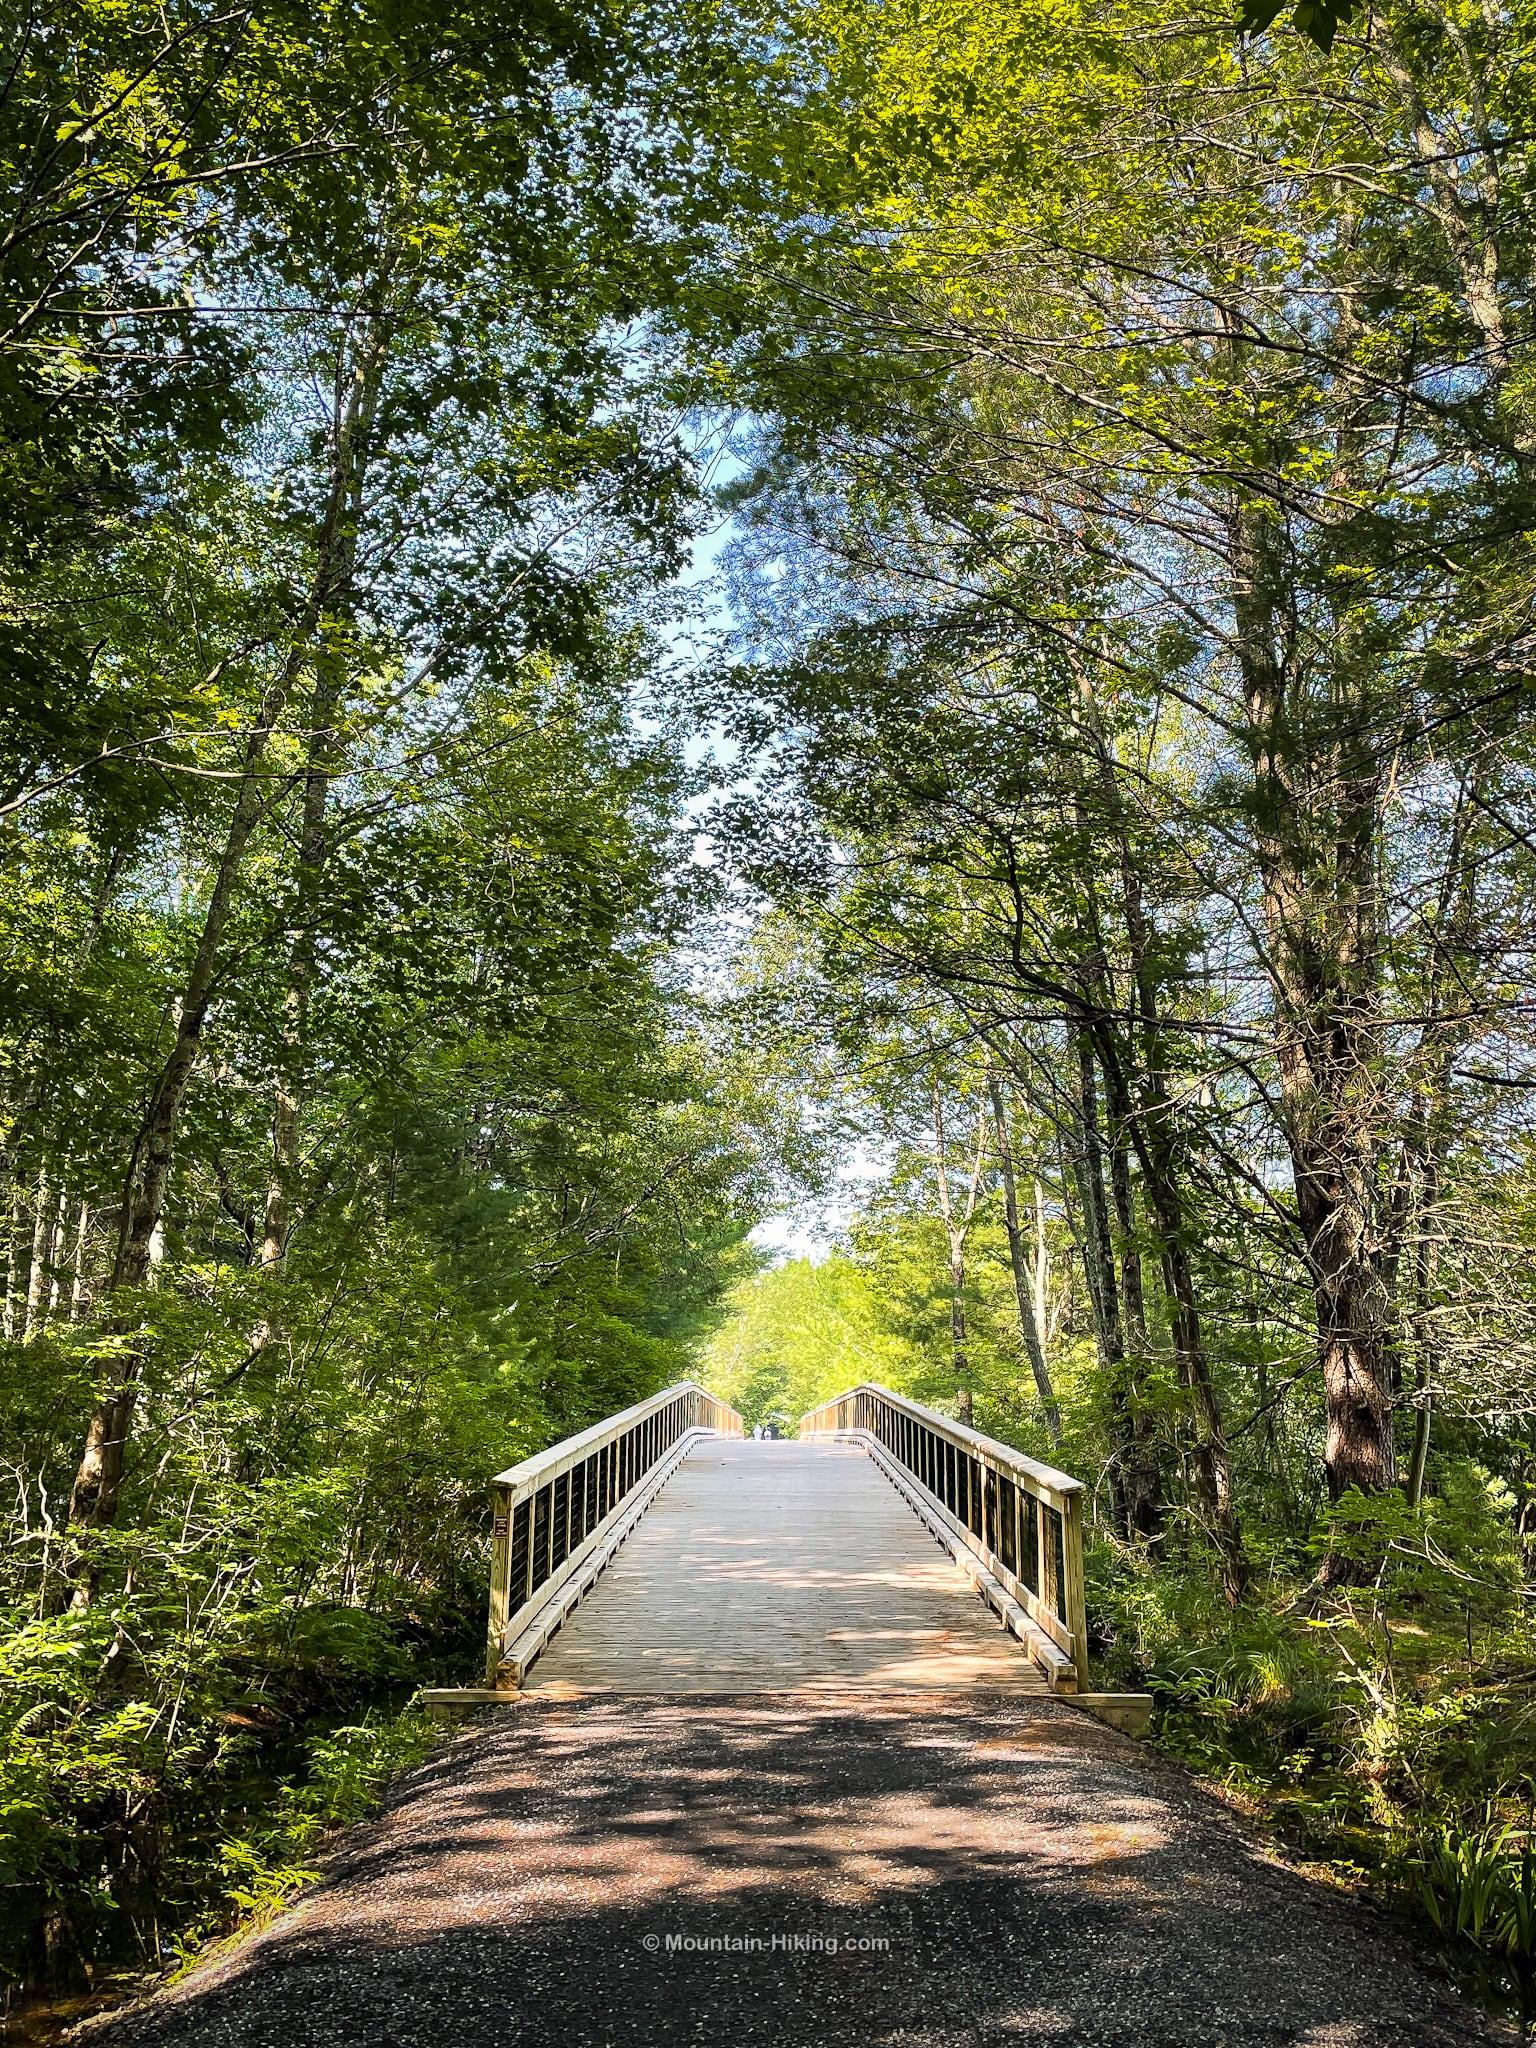 Ashokan Rail Trail footbridge in woods